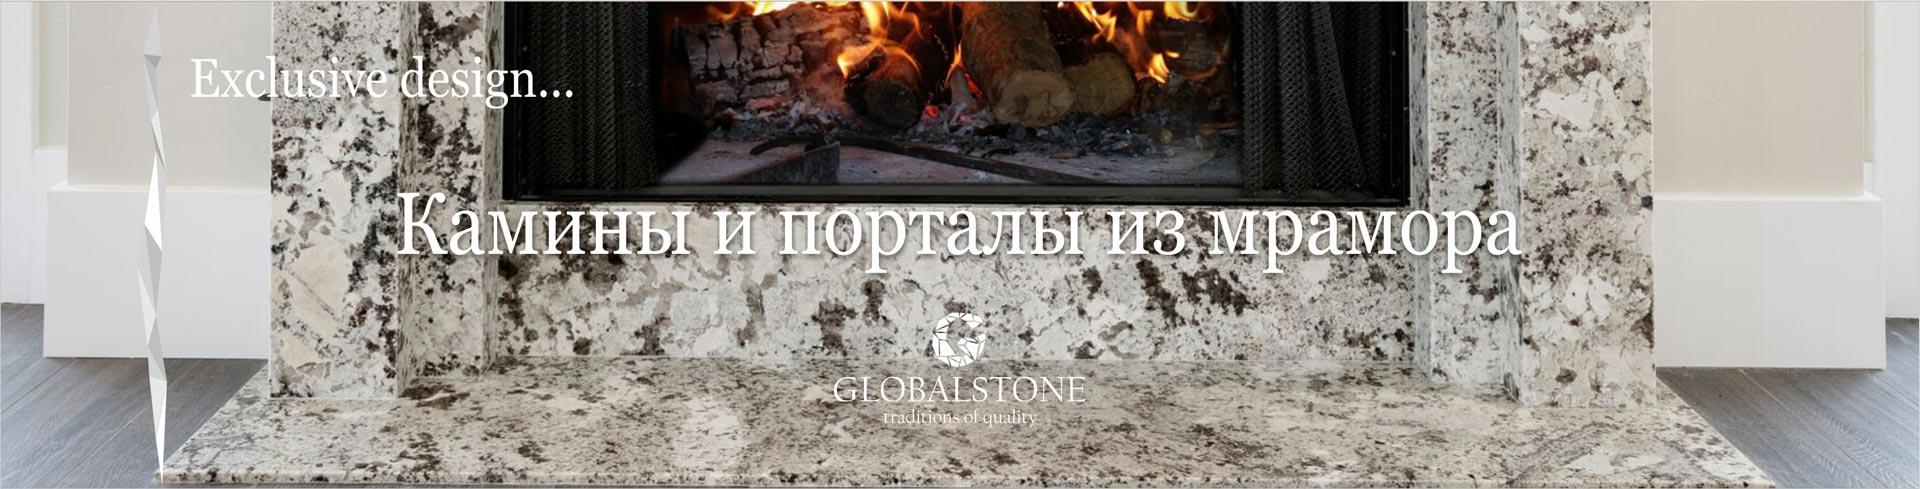 Камины и порталы из мрамора